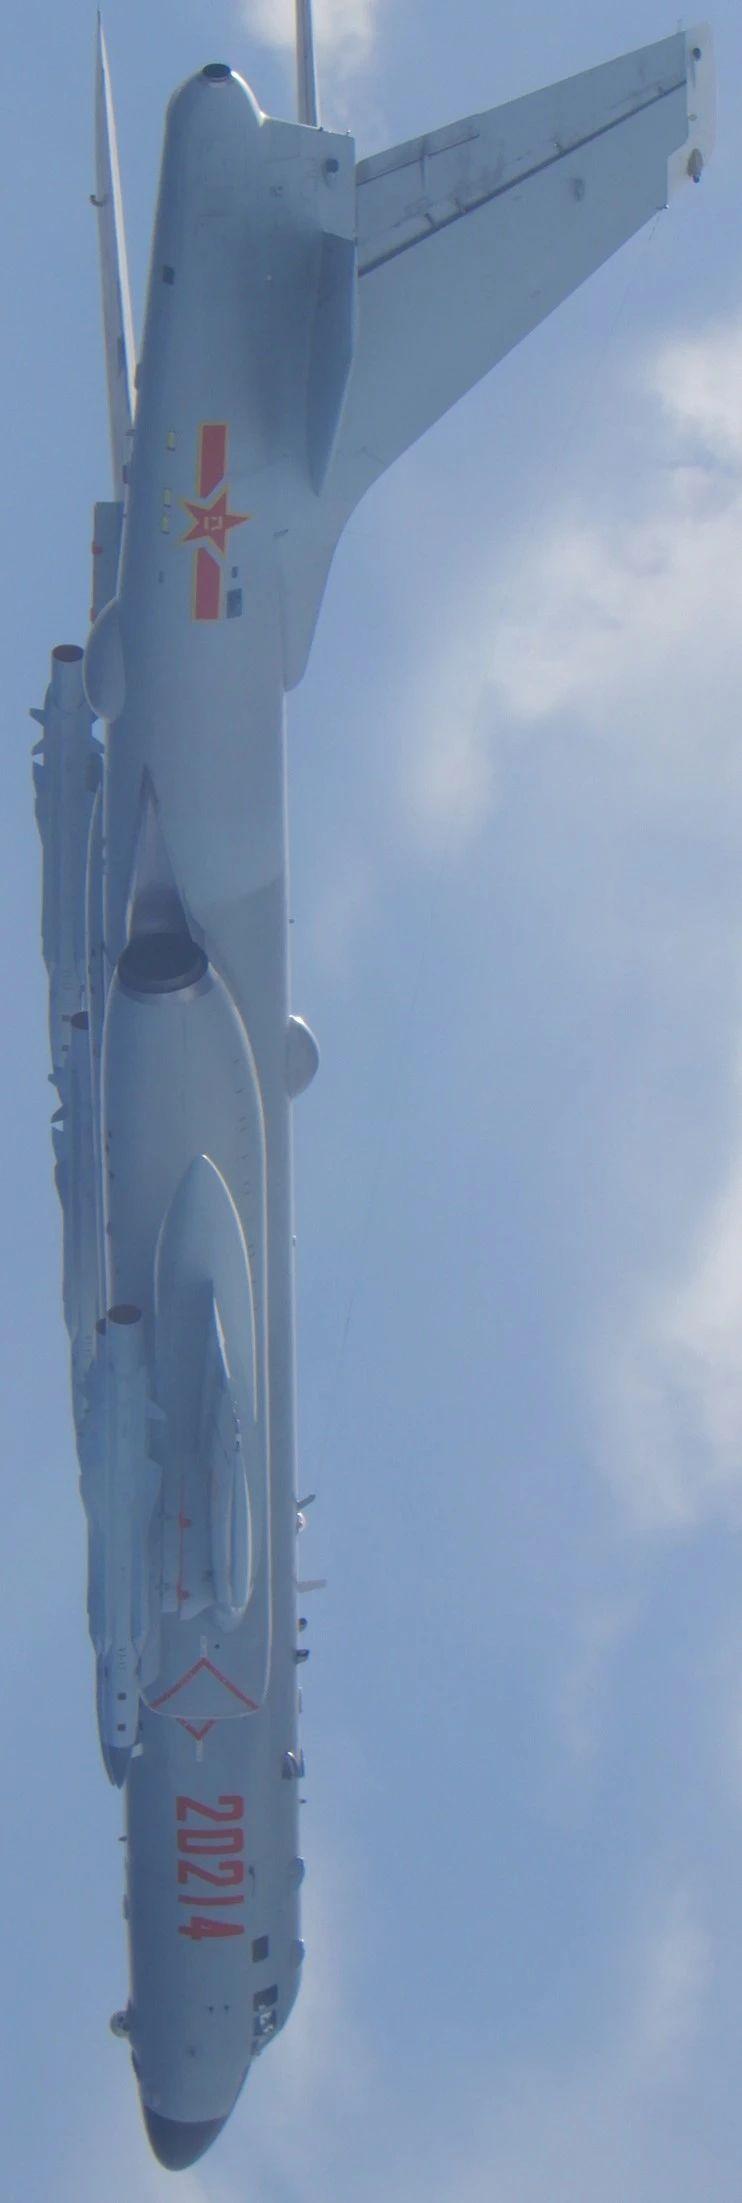 轰-6K挂鹰击-12,TW拍的那种